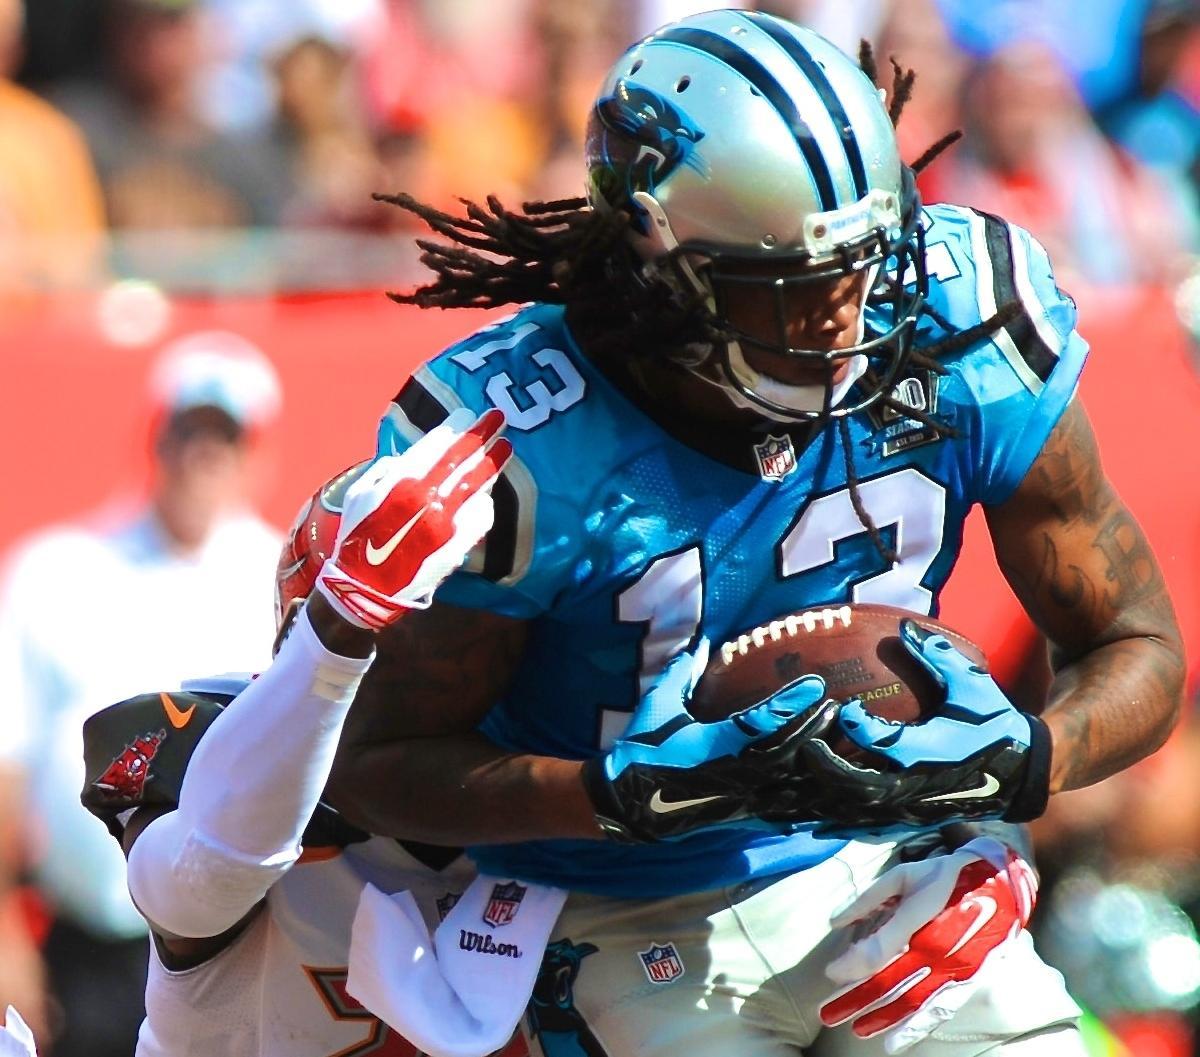 NFL Week 2 Rookie Rankings: Surveying Rookie Class Post